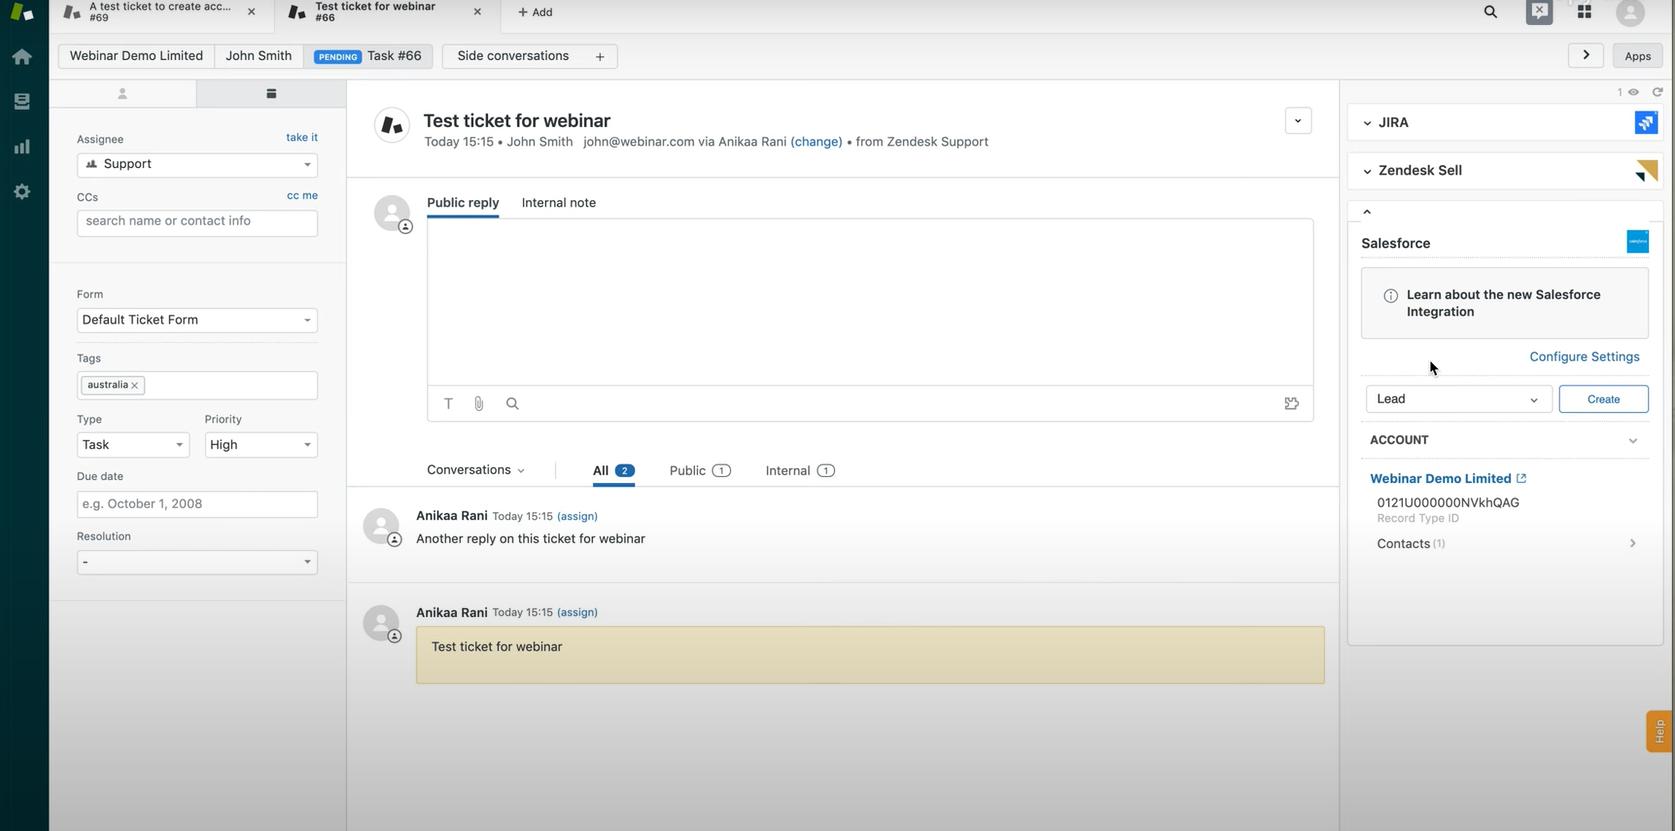 App de Salesforce en Zendesk Support [App de Integración entre Salesforce y Zendesk Support. Tickets, Peticiones de Servicio, Leads, Oportunidades, Cuentas. CRM, Automatización de Ventas, Automatización de Servicio y Experiencia de Cliente (CX)]